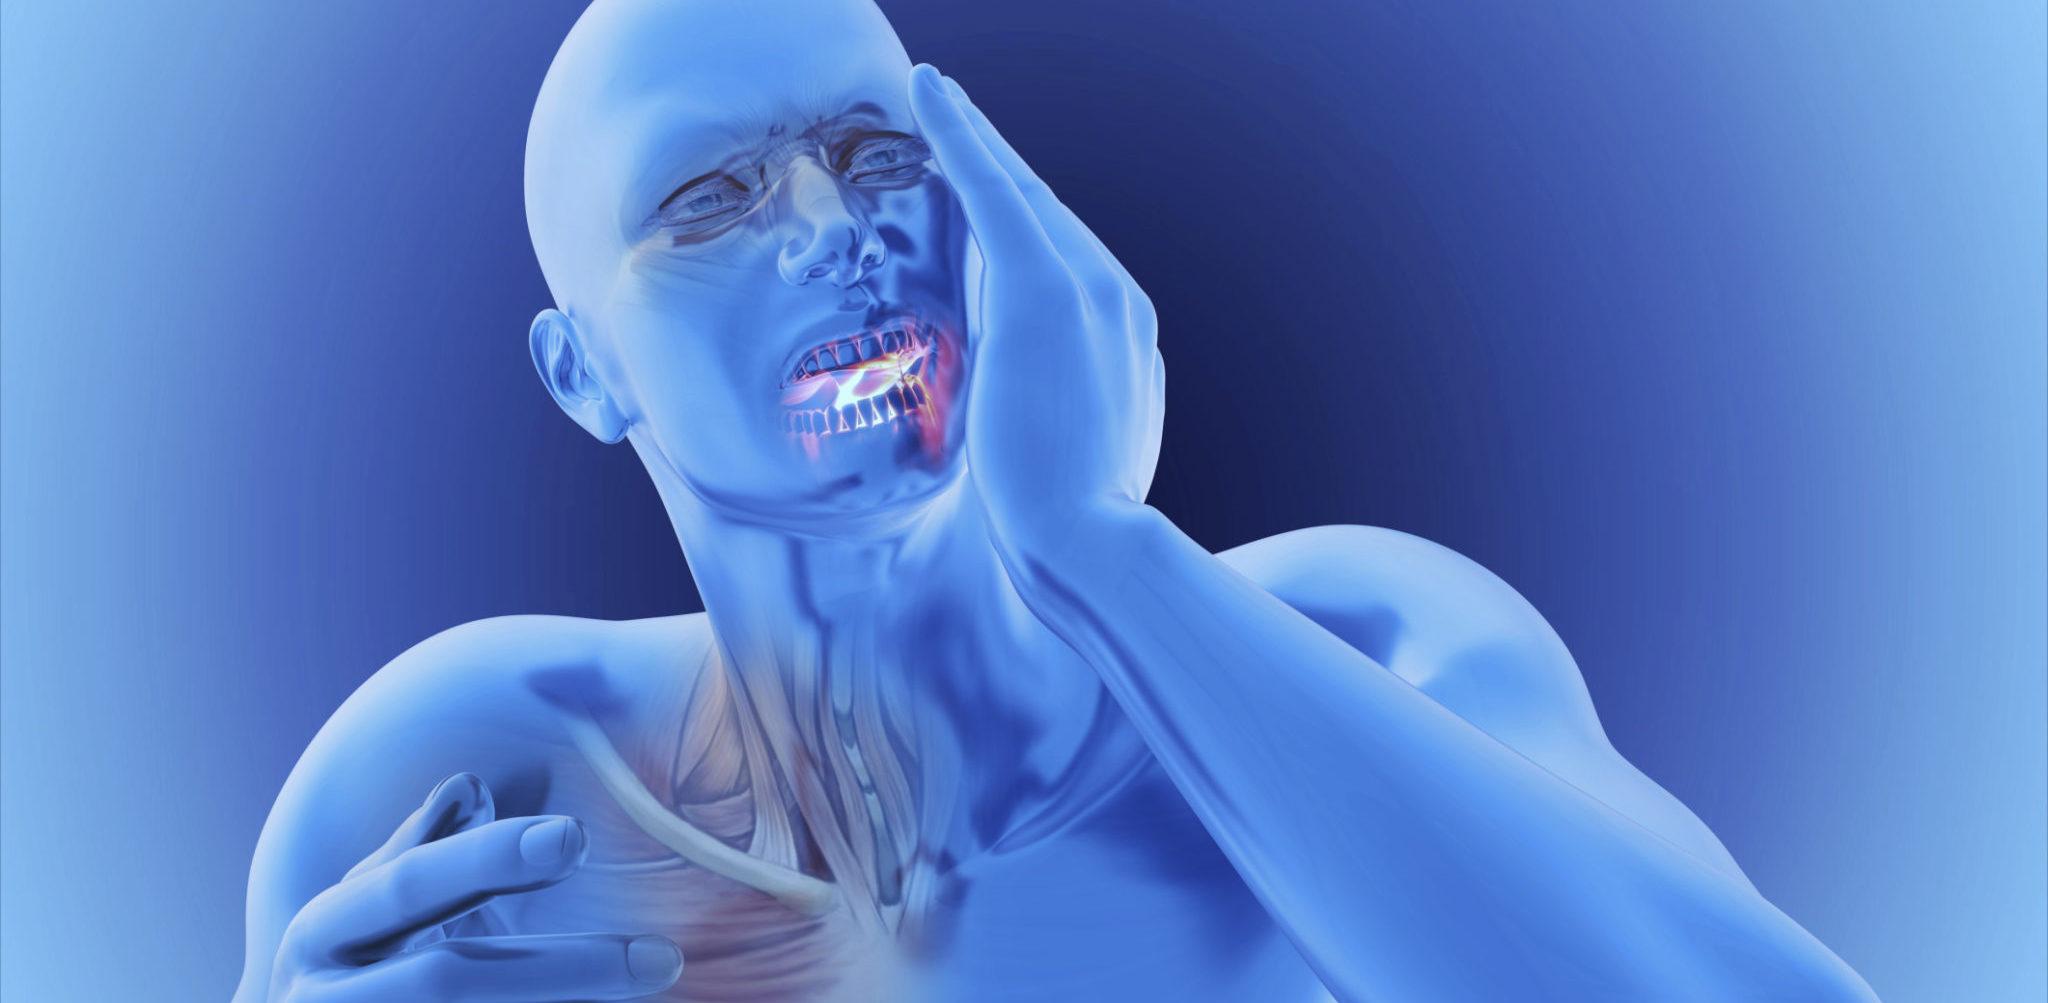 uždegimui gydyti pirštų sąnarių skauda nuo rankų pirštų sąnarius kas tai yra